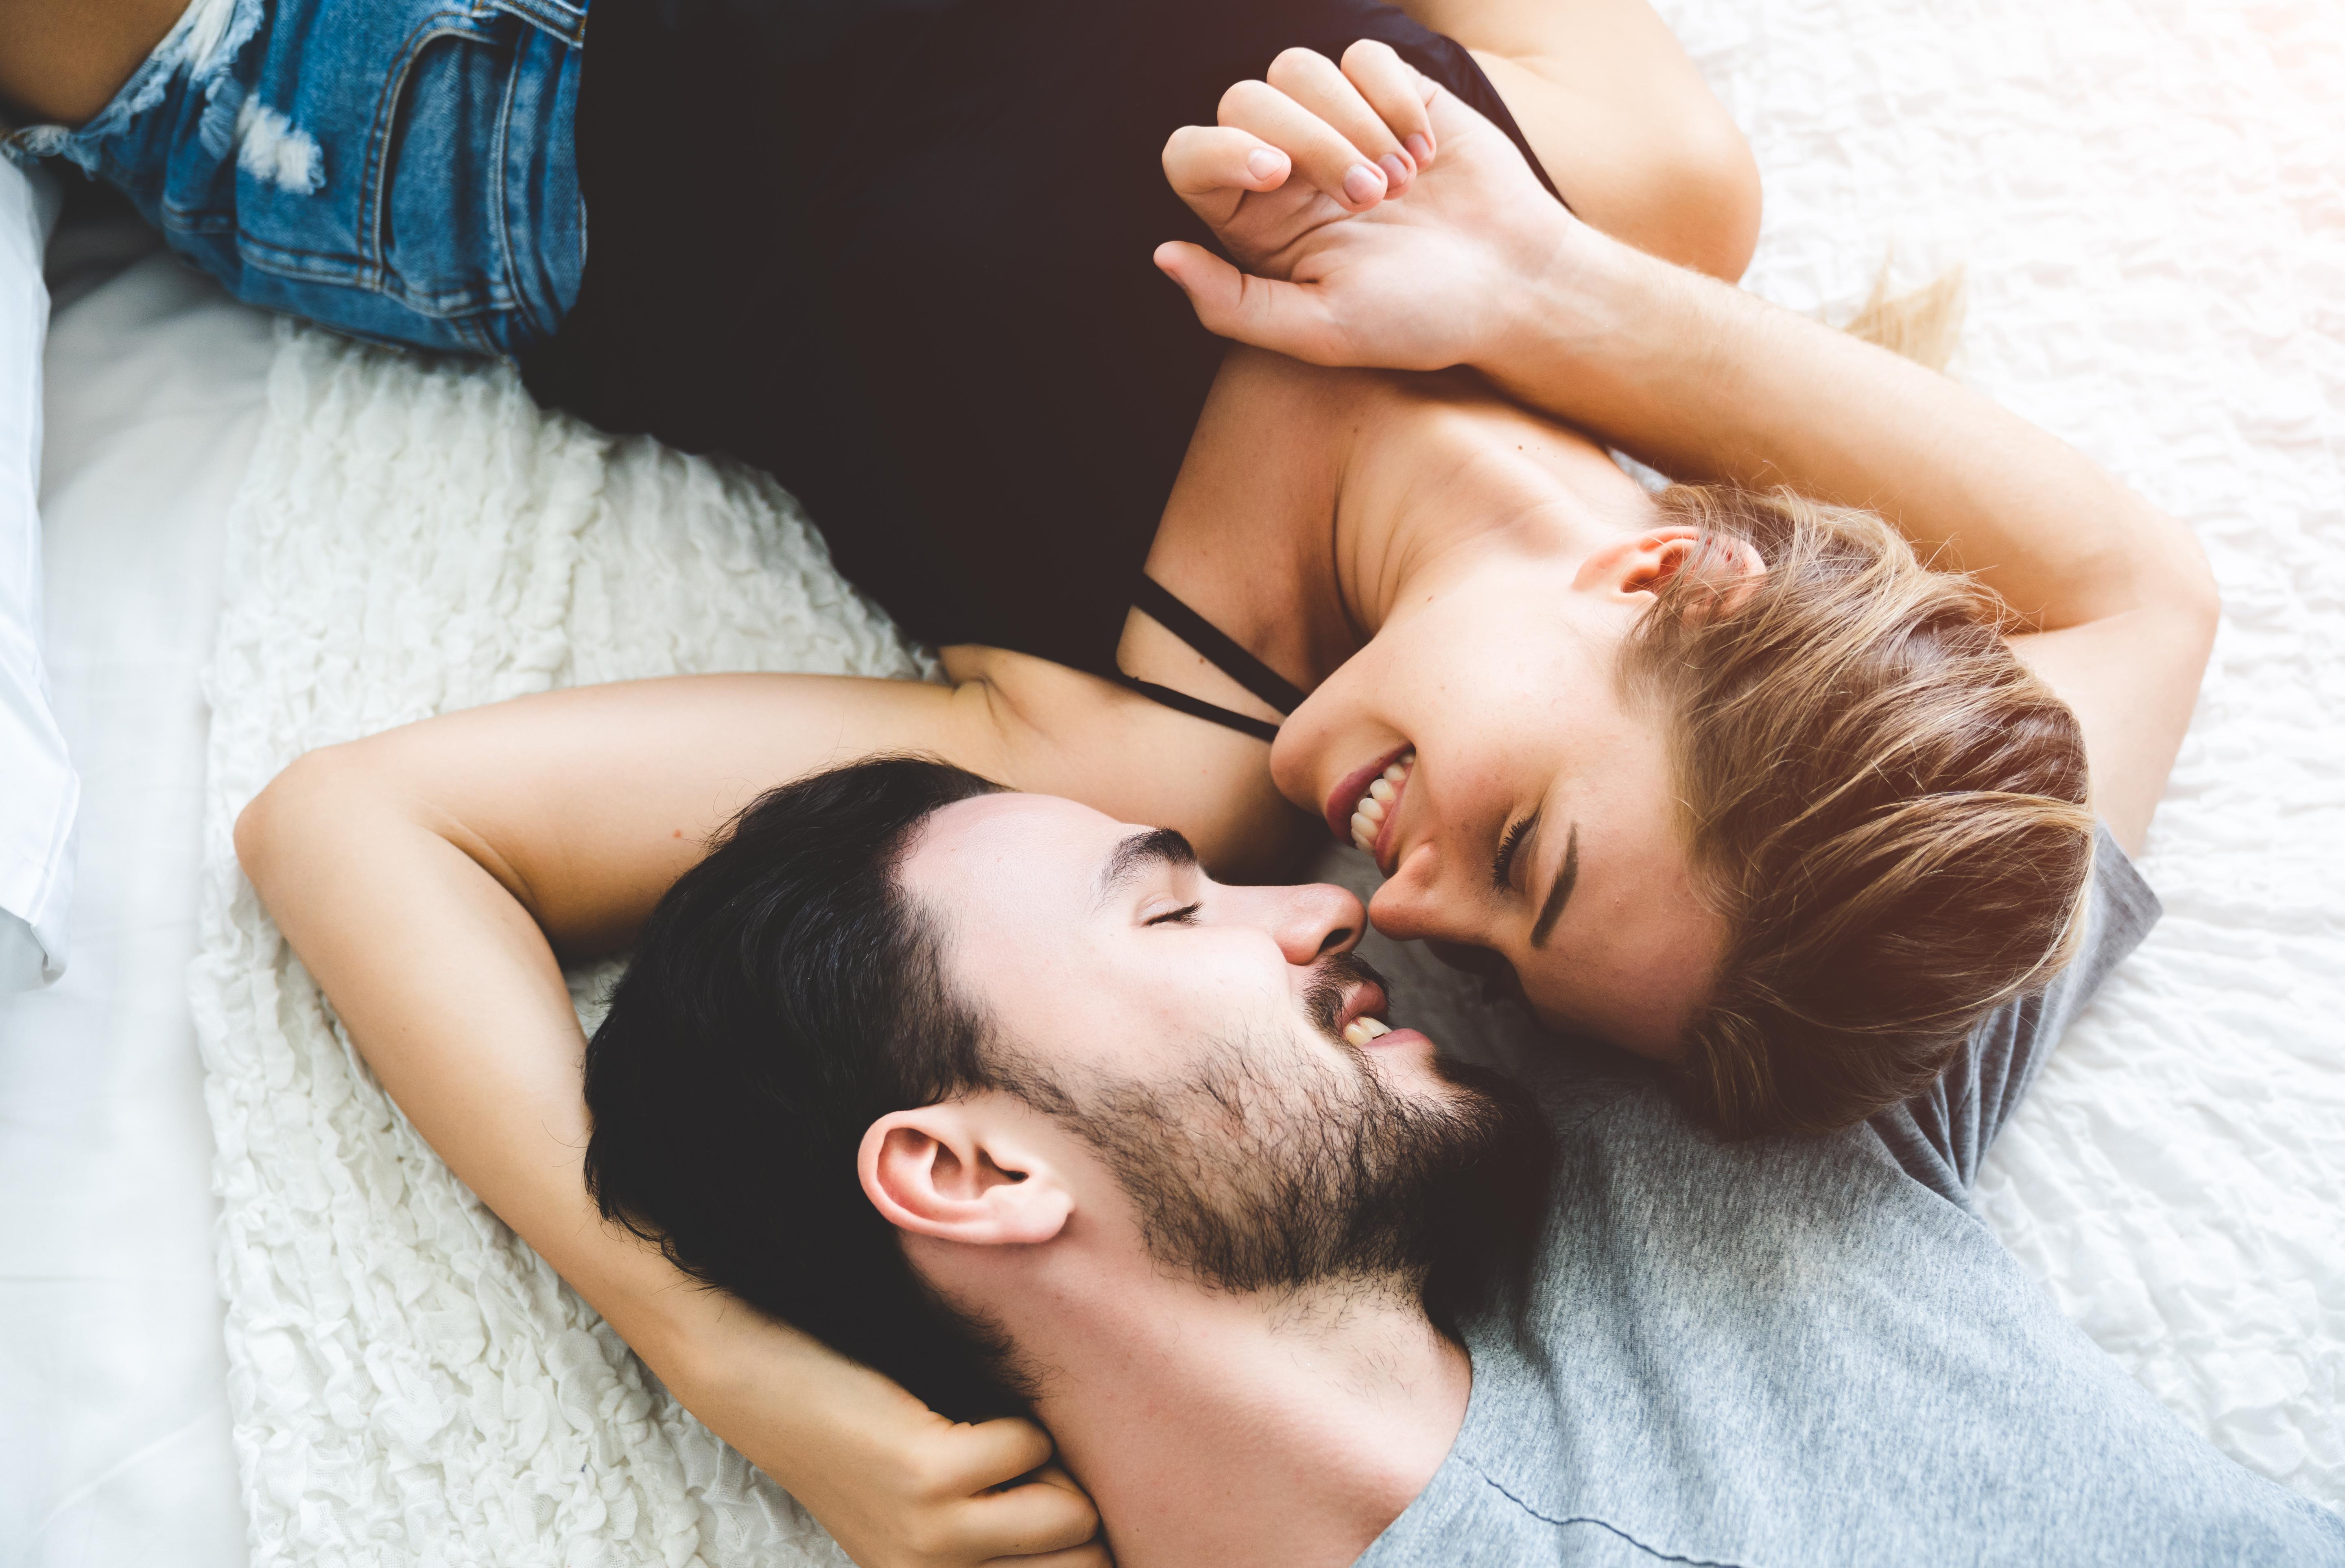 <p><strong>Не на стреса</strong></p>  <p>Американските учени са убедени, че най-добрият антидепресант е спермата. Ако нещо не сте в настроение, обърнете се към лекарството, което носи самото ви тяло.</p>